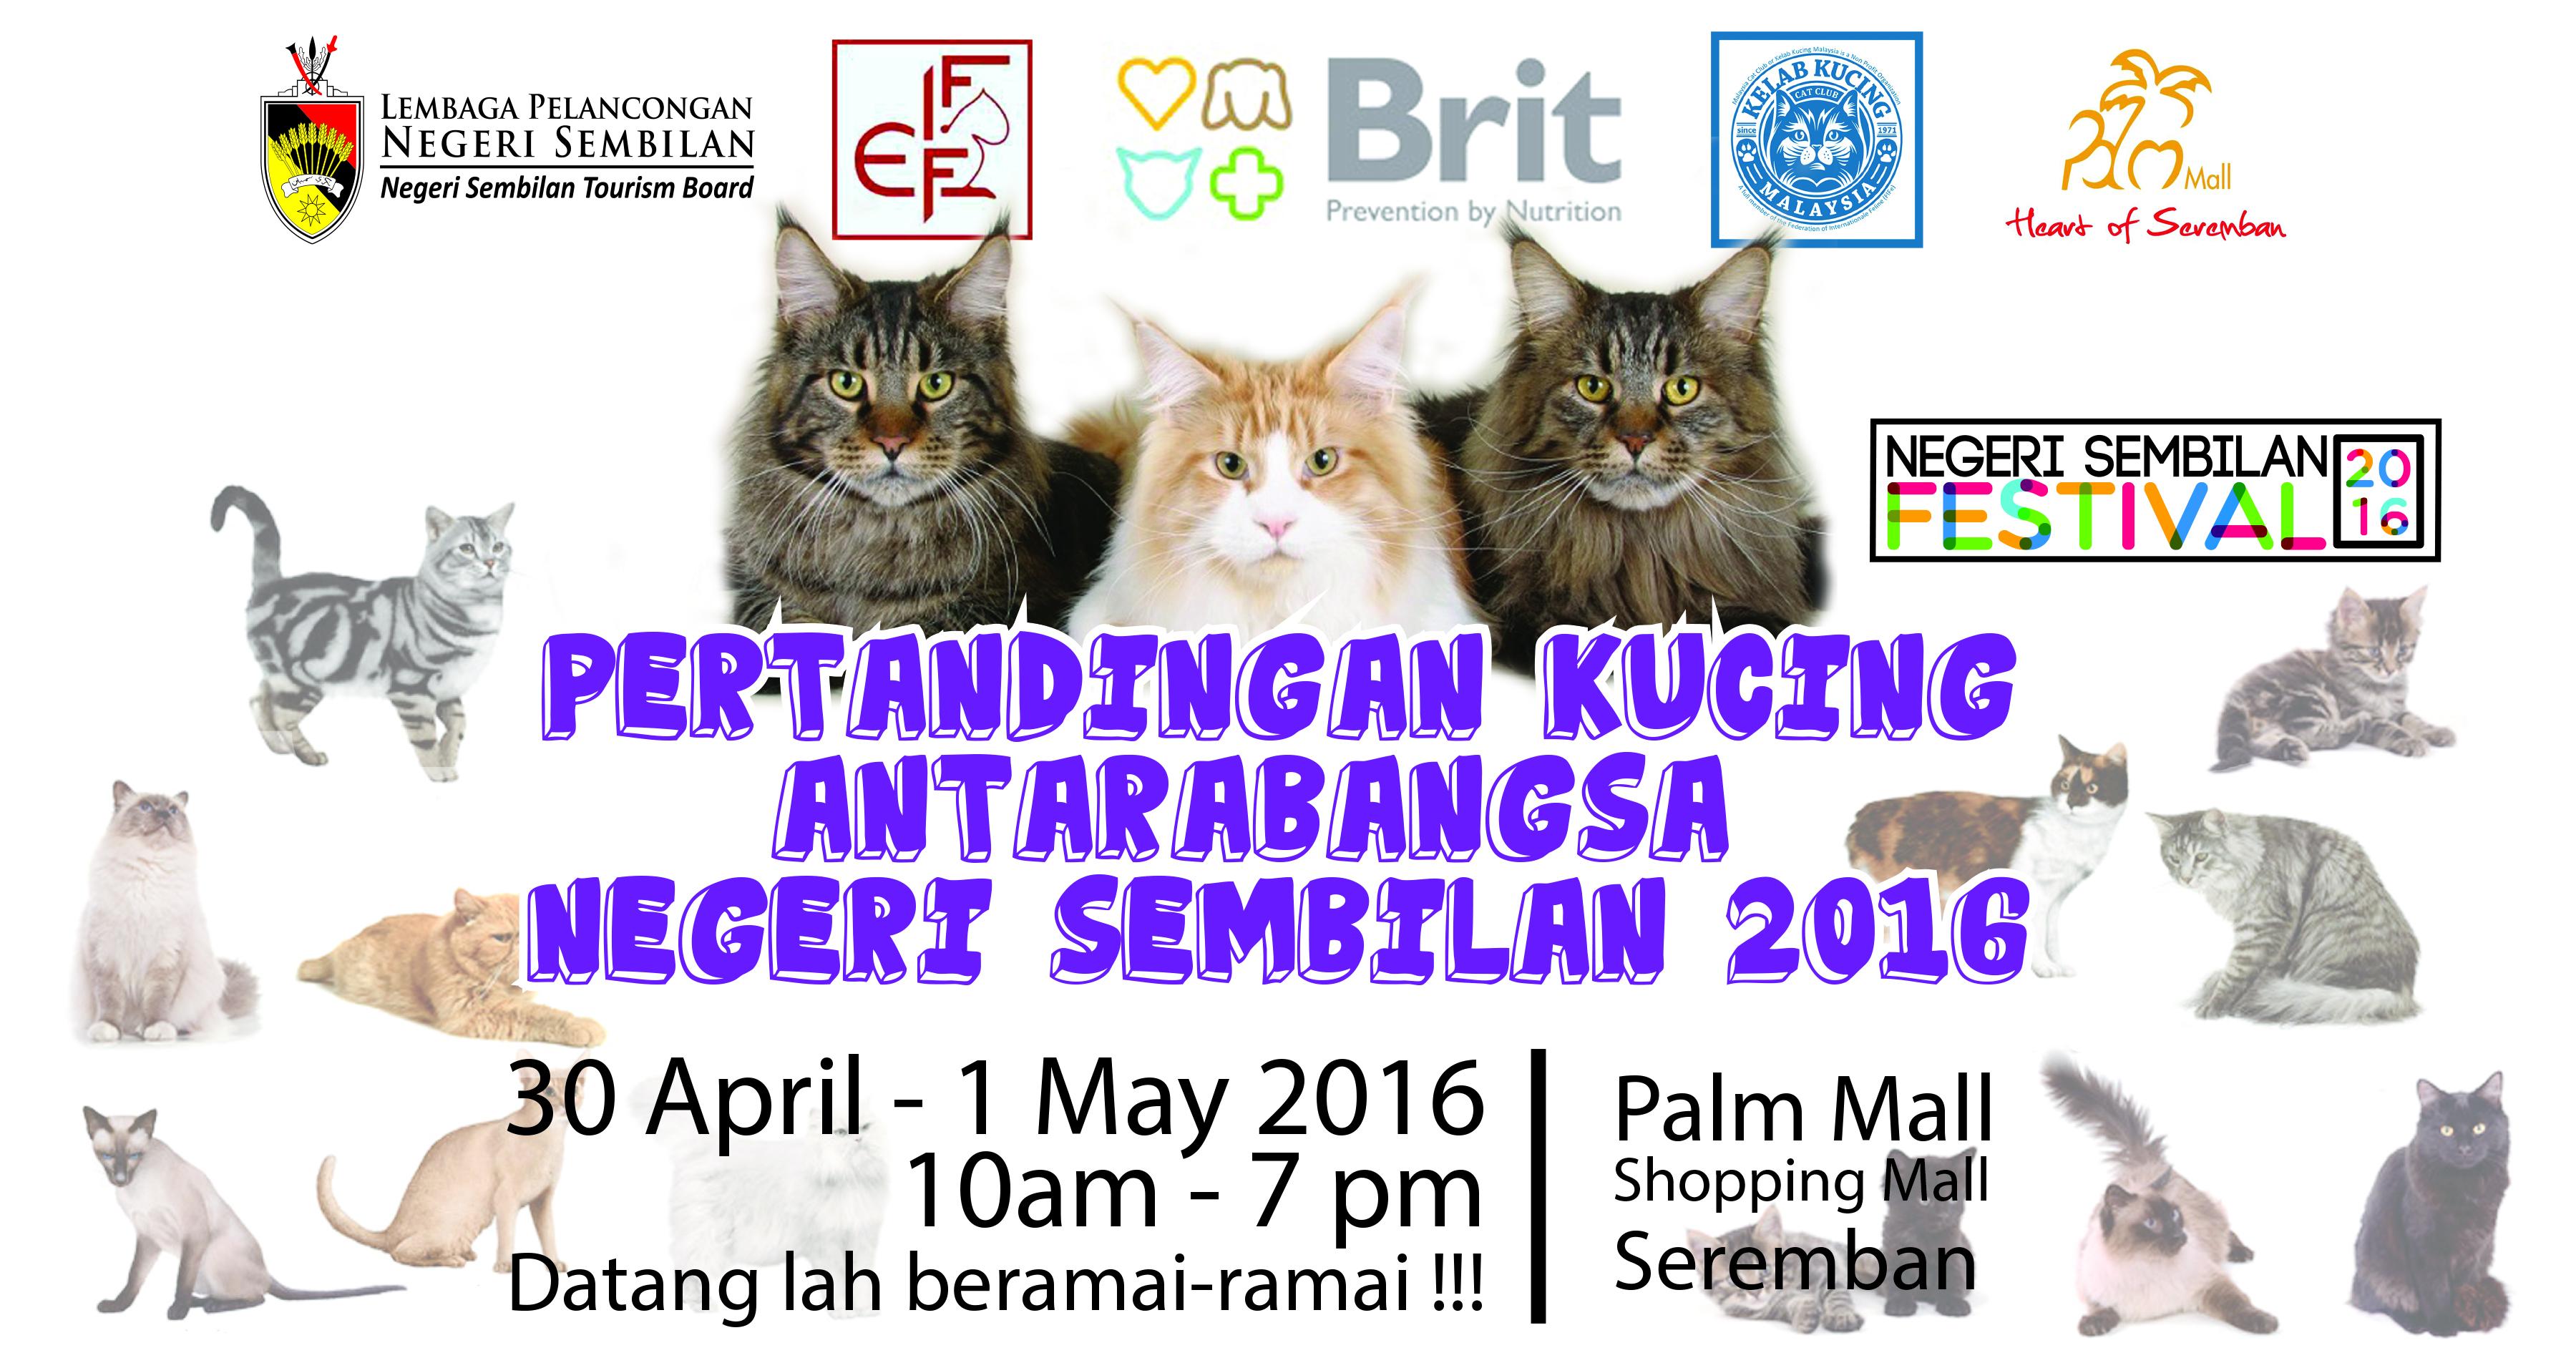 Pertandingan Kucing Antarabangsa Negeri Sembilan 2016